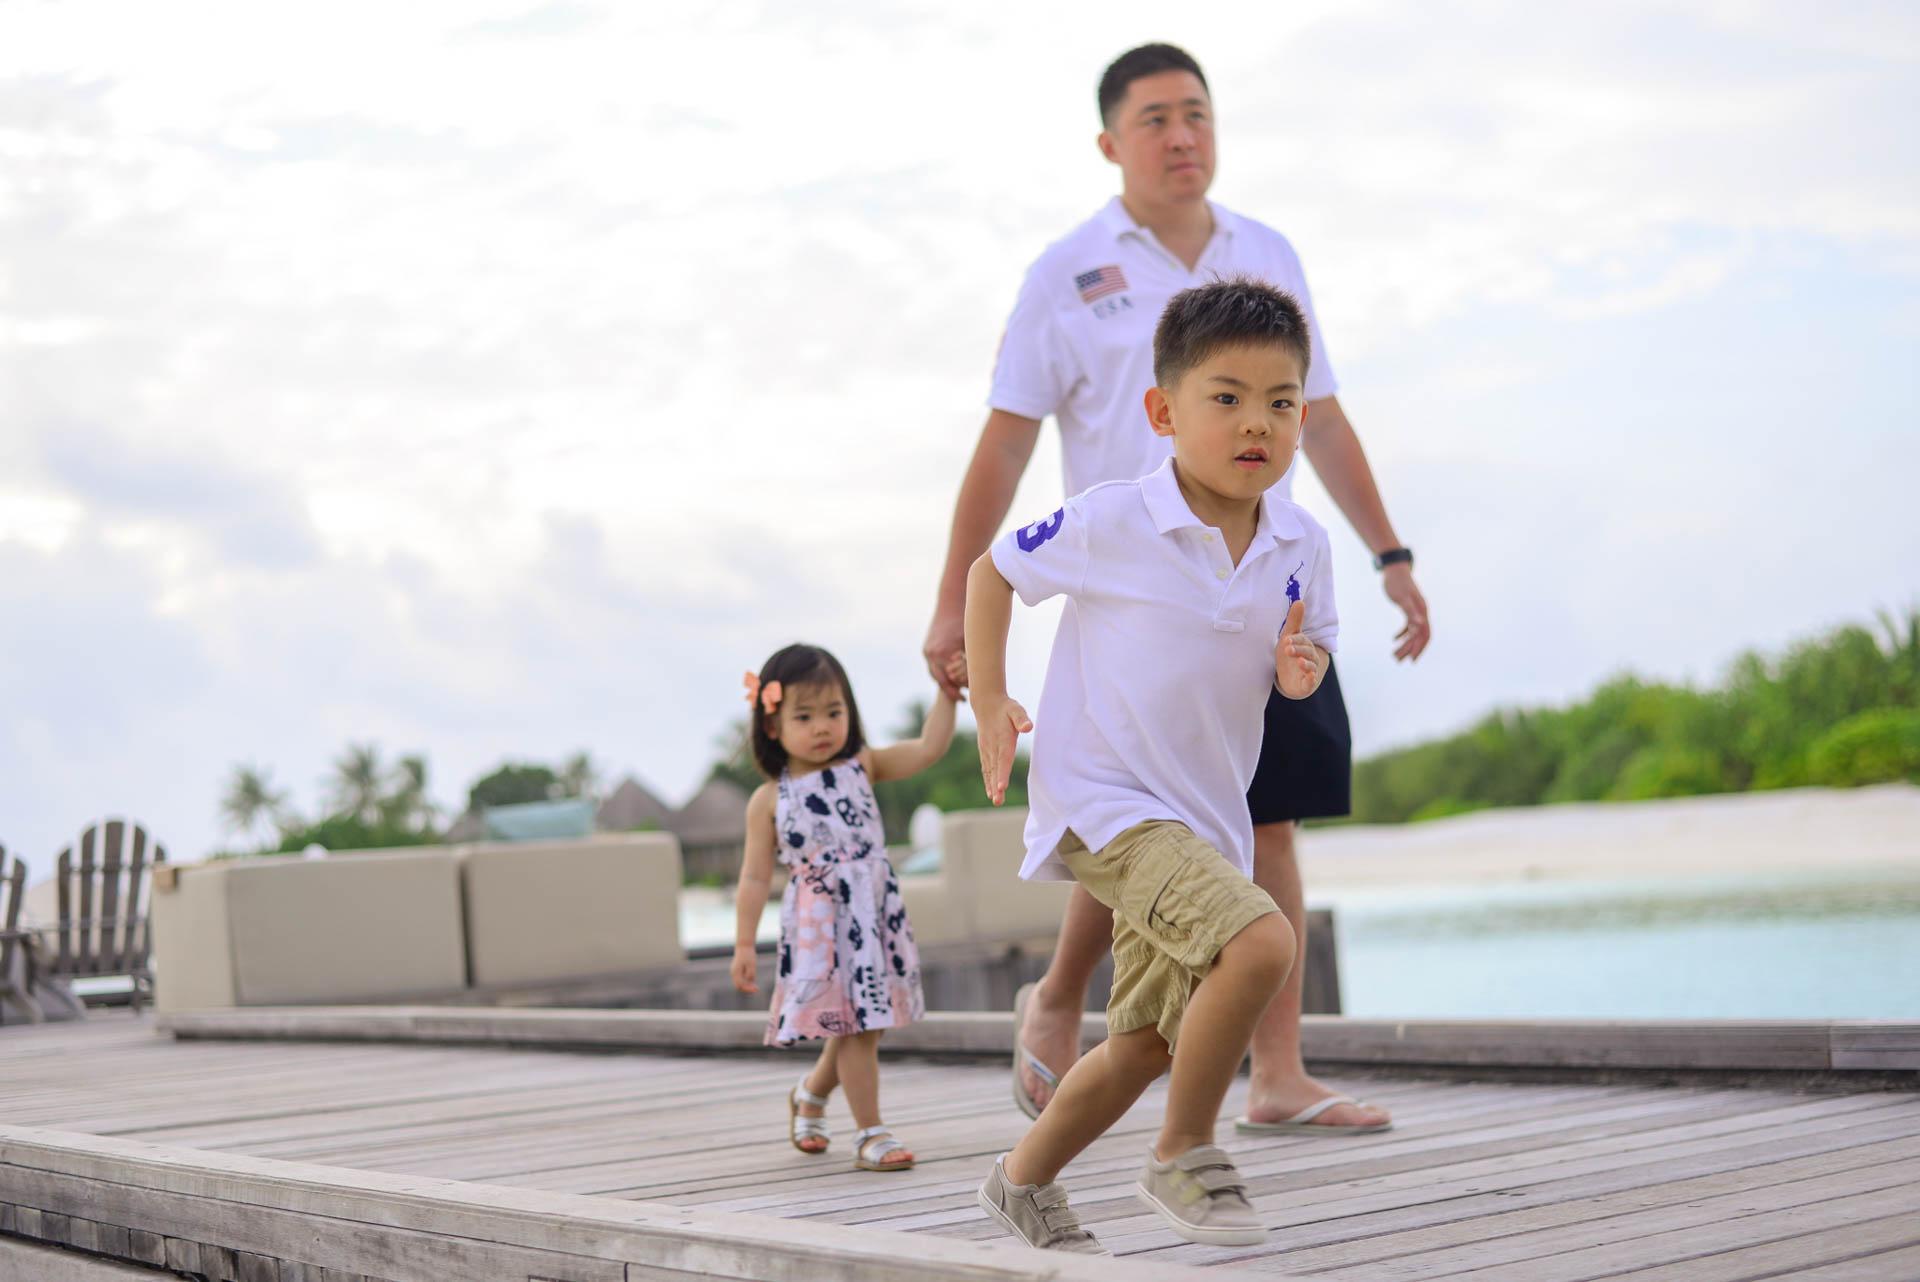 Rosa Family at Four seaons Maldives 44